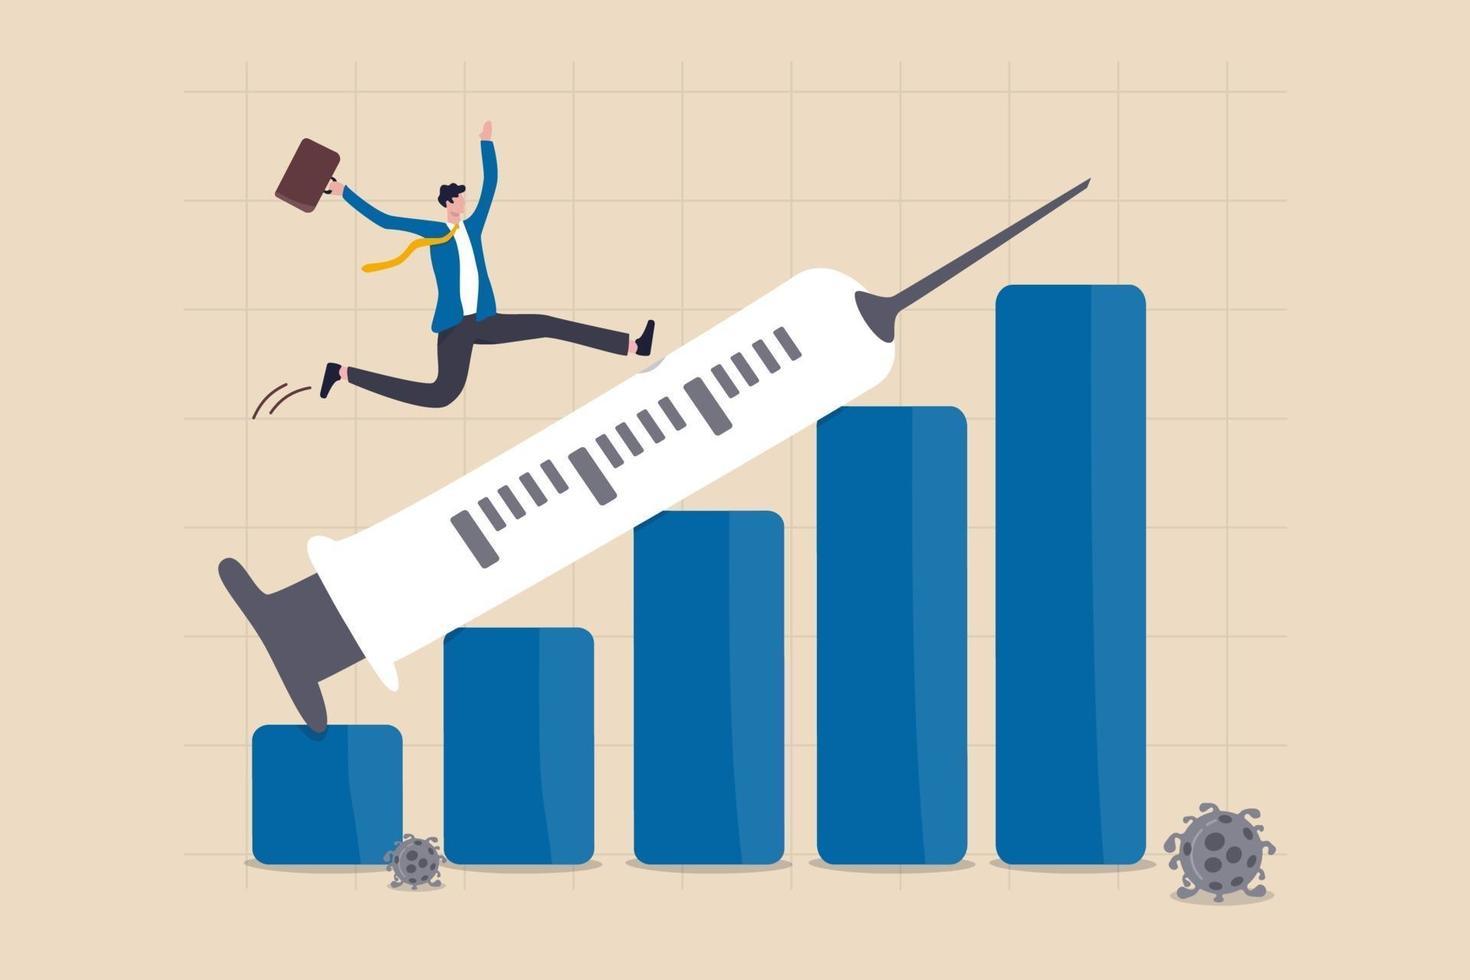 finansiell och ekonomisk kris återhämtar sig från covid-19 kollaps med coronavirus vaccin upptäckt koncept, affärsman investerare glad kör på spruta pekar uppåt på tillväxt vinst finansiella stapeldiagram. vektor